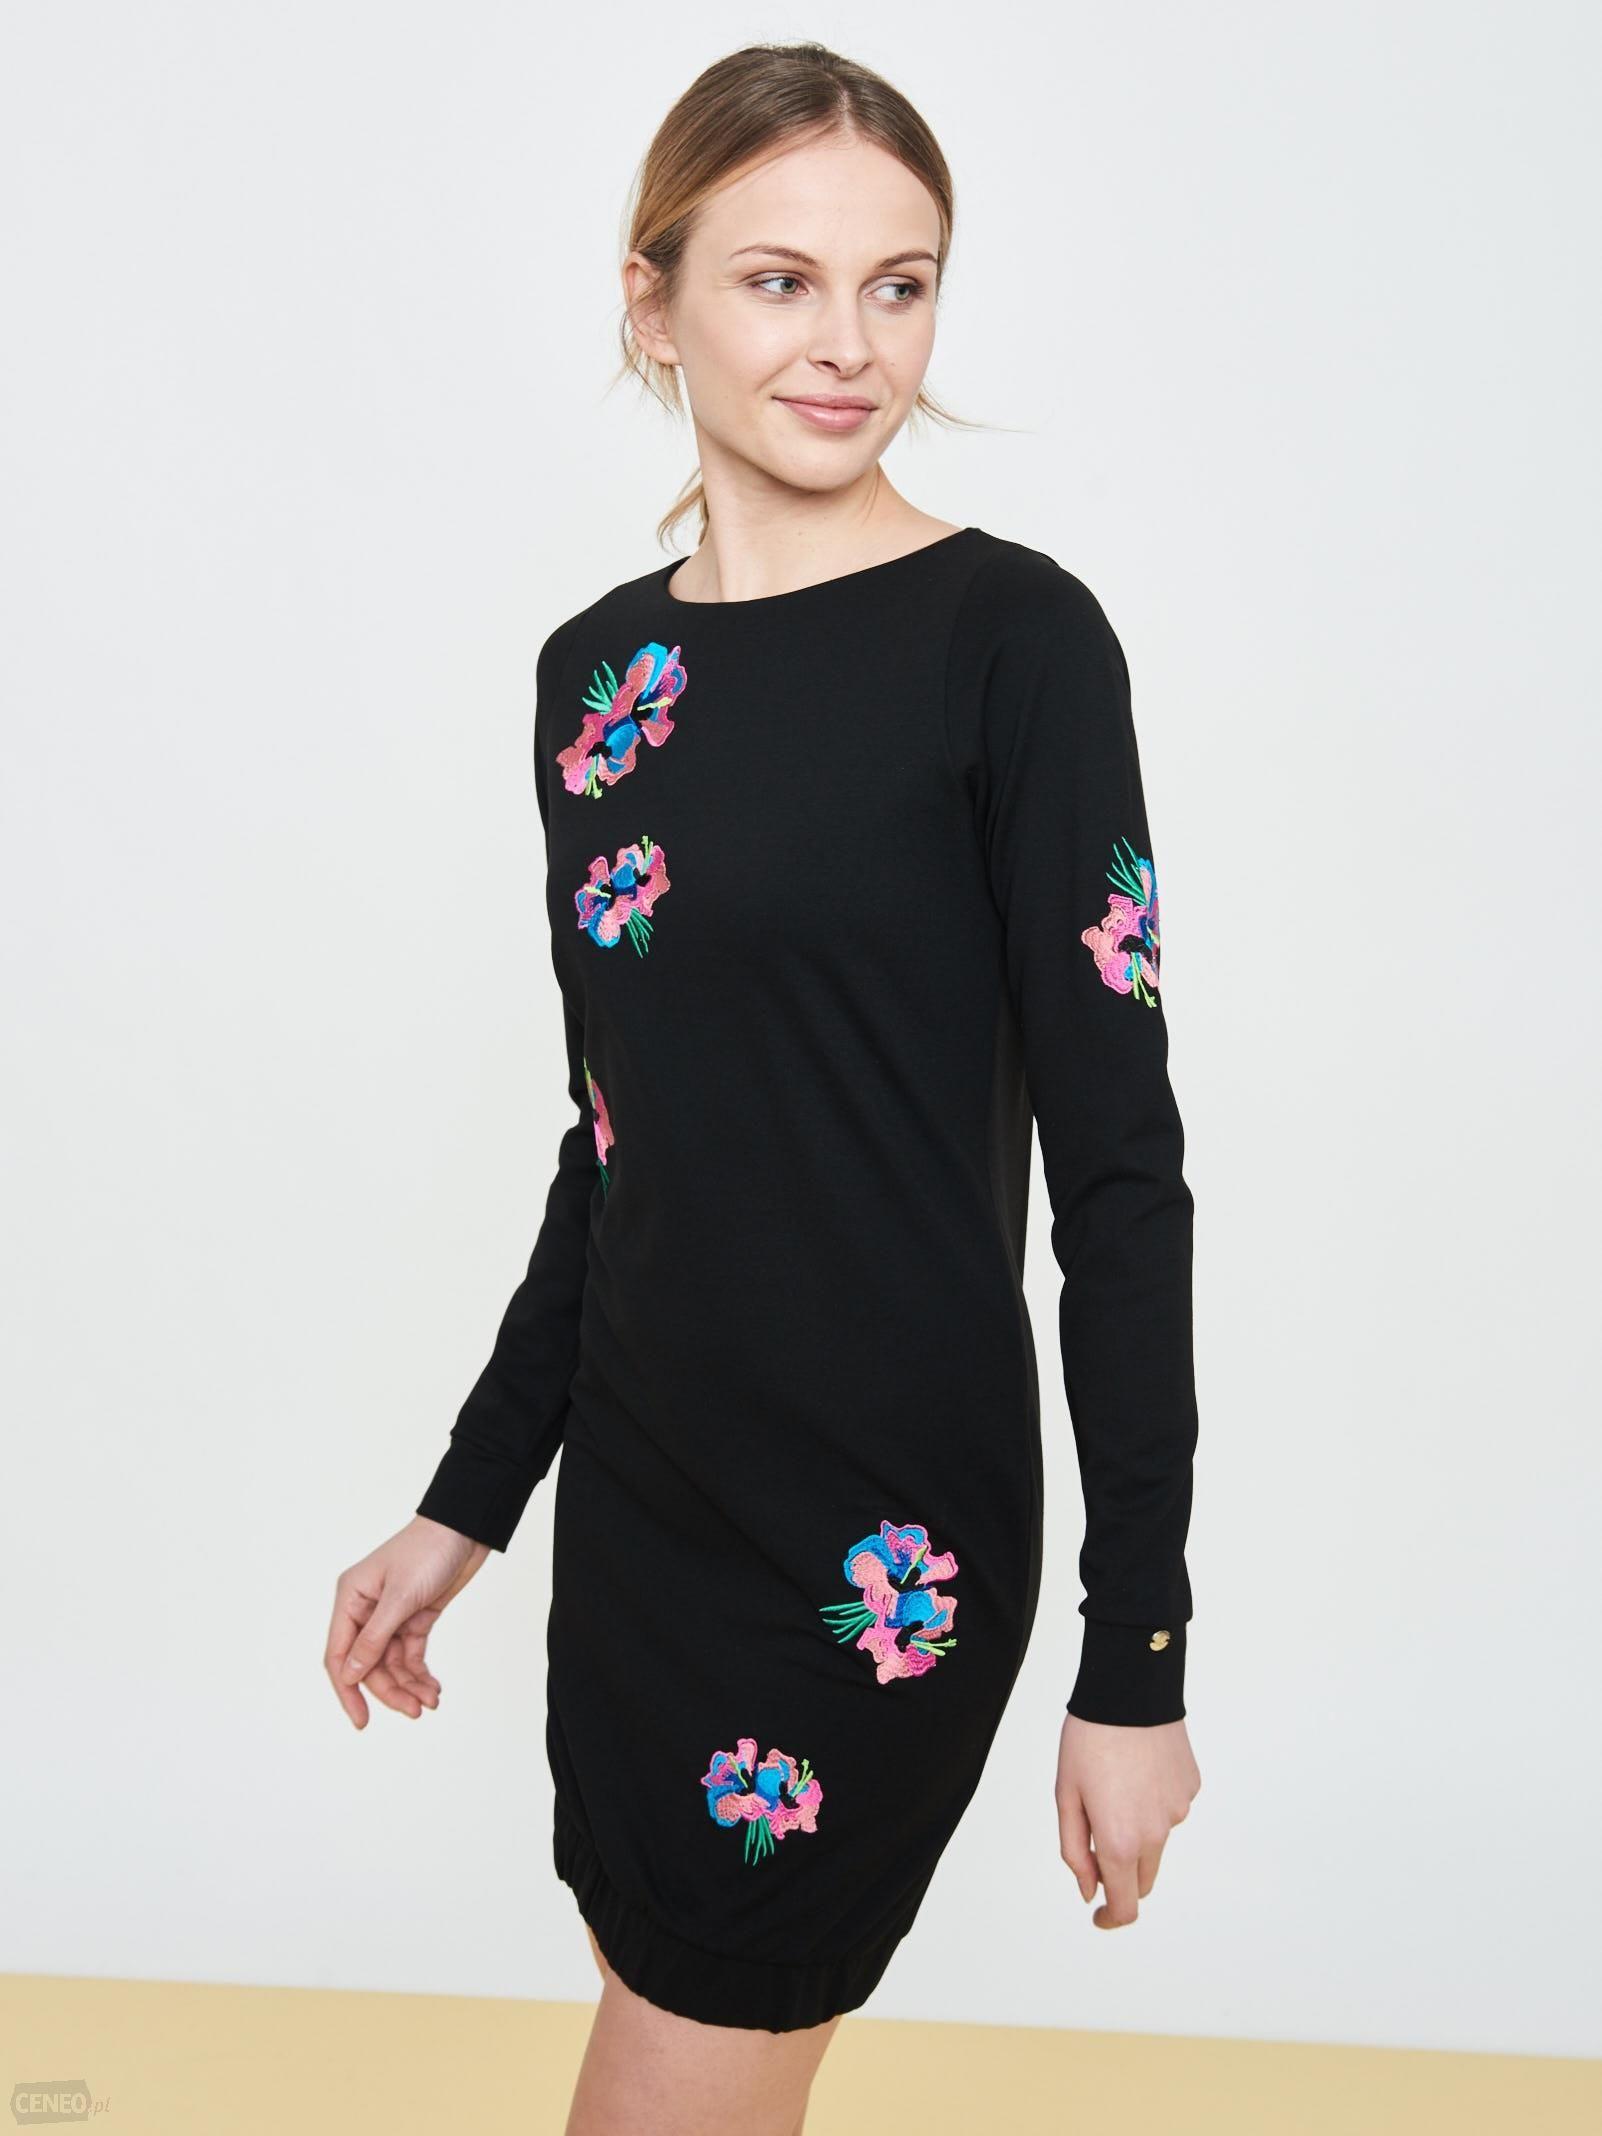 9fa06e7b06 SIMPLE R.34 sukienka dzianinowa czarna kwiaty - 7302460043 ...